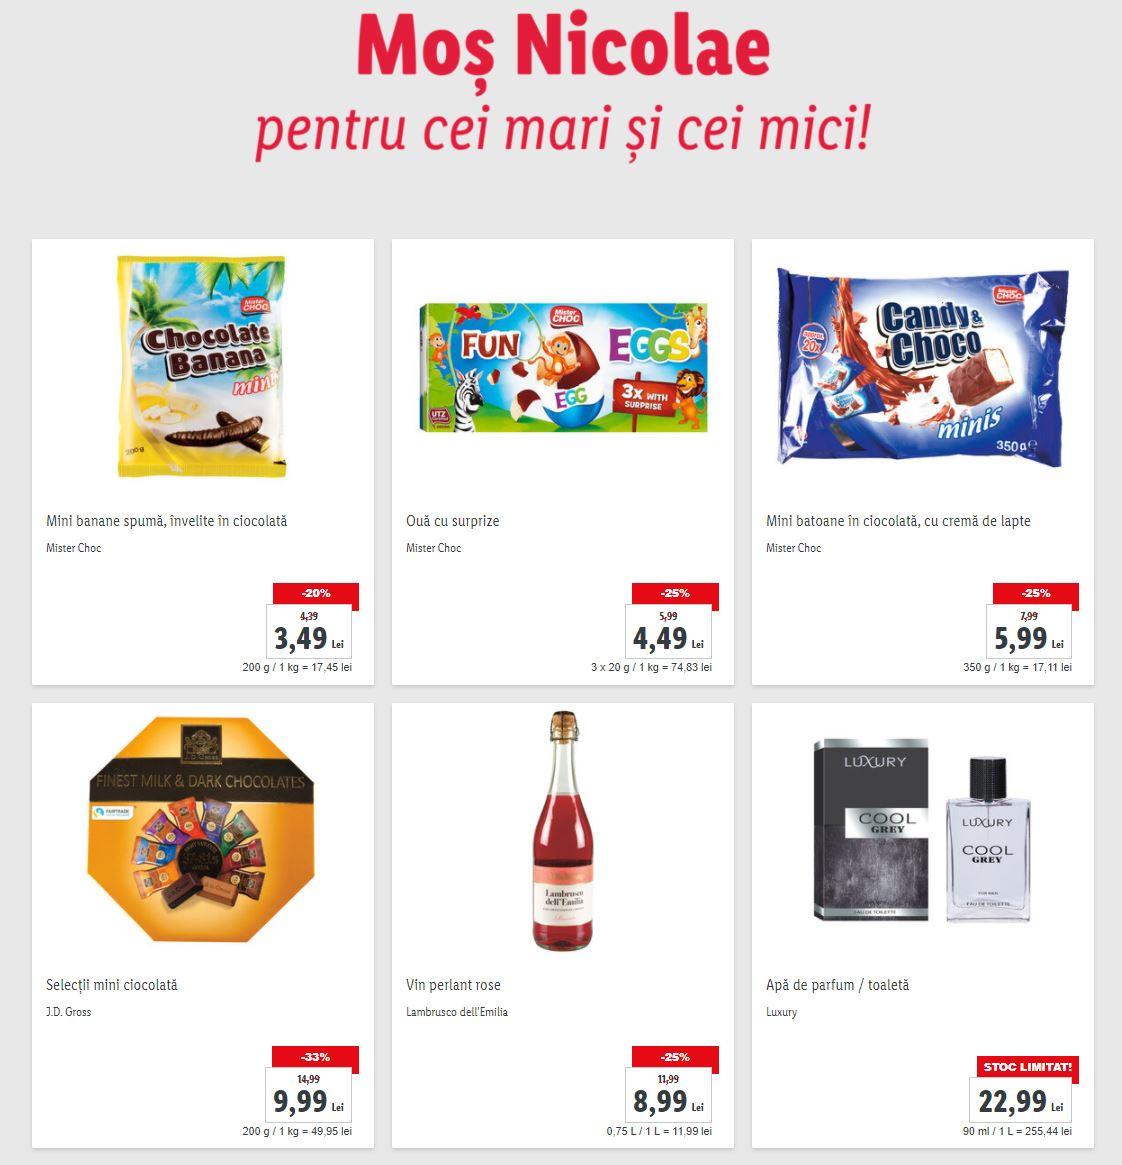 LIDL Romania nicolae cadouri